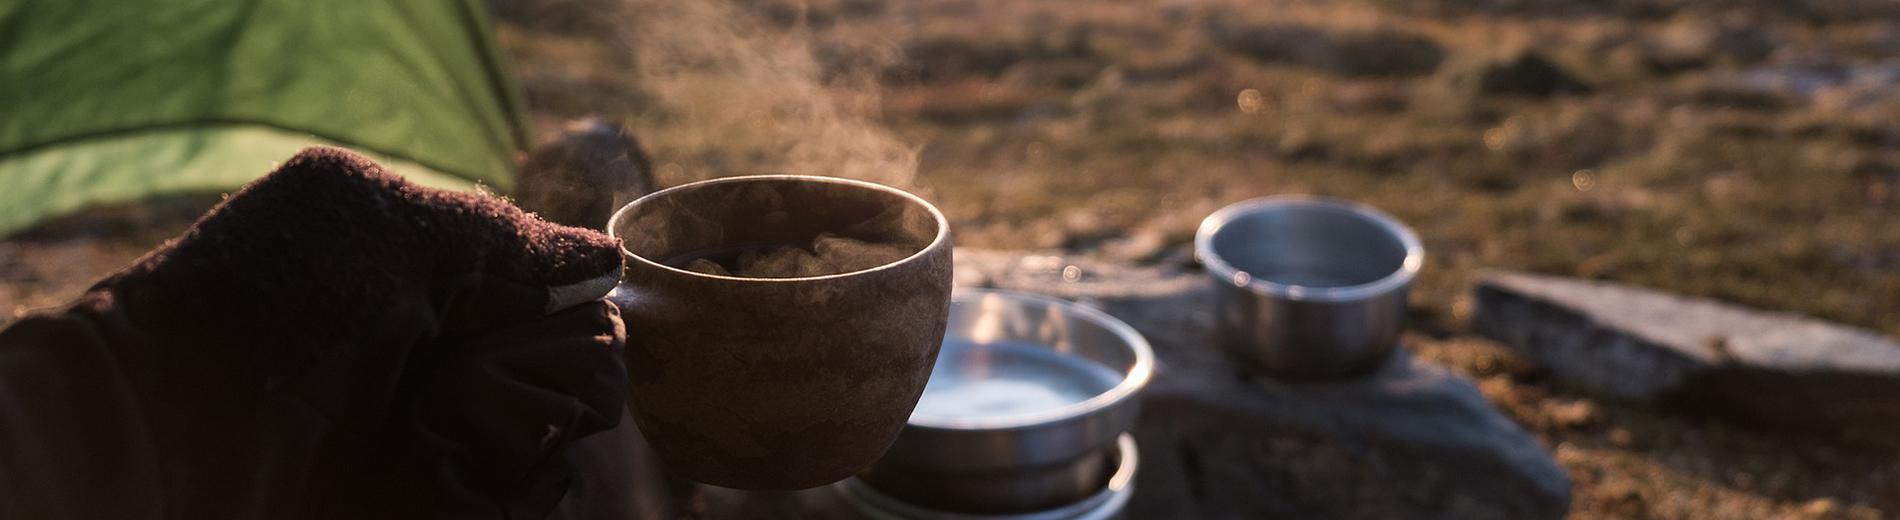 Söök ja jook talvisel fotoreisil